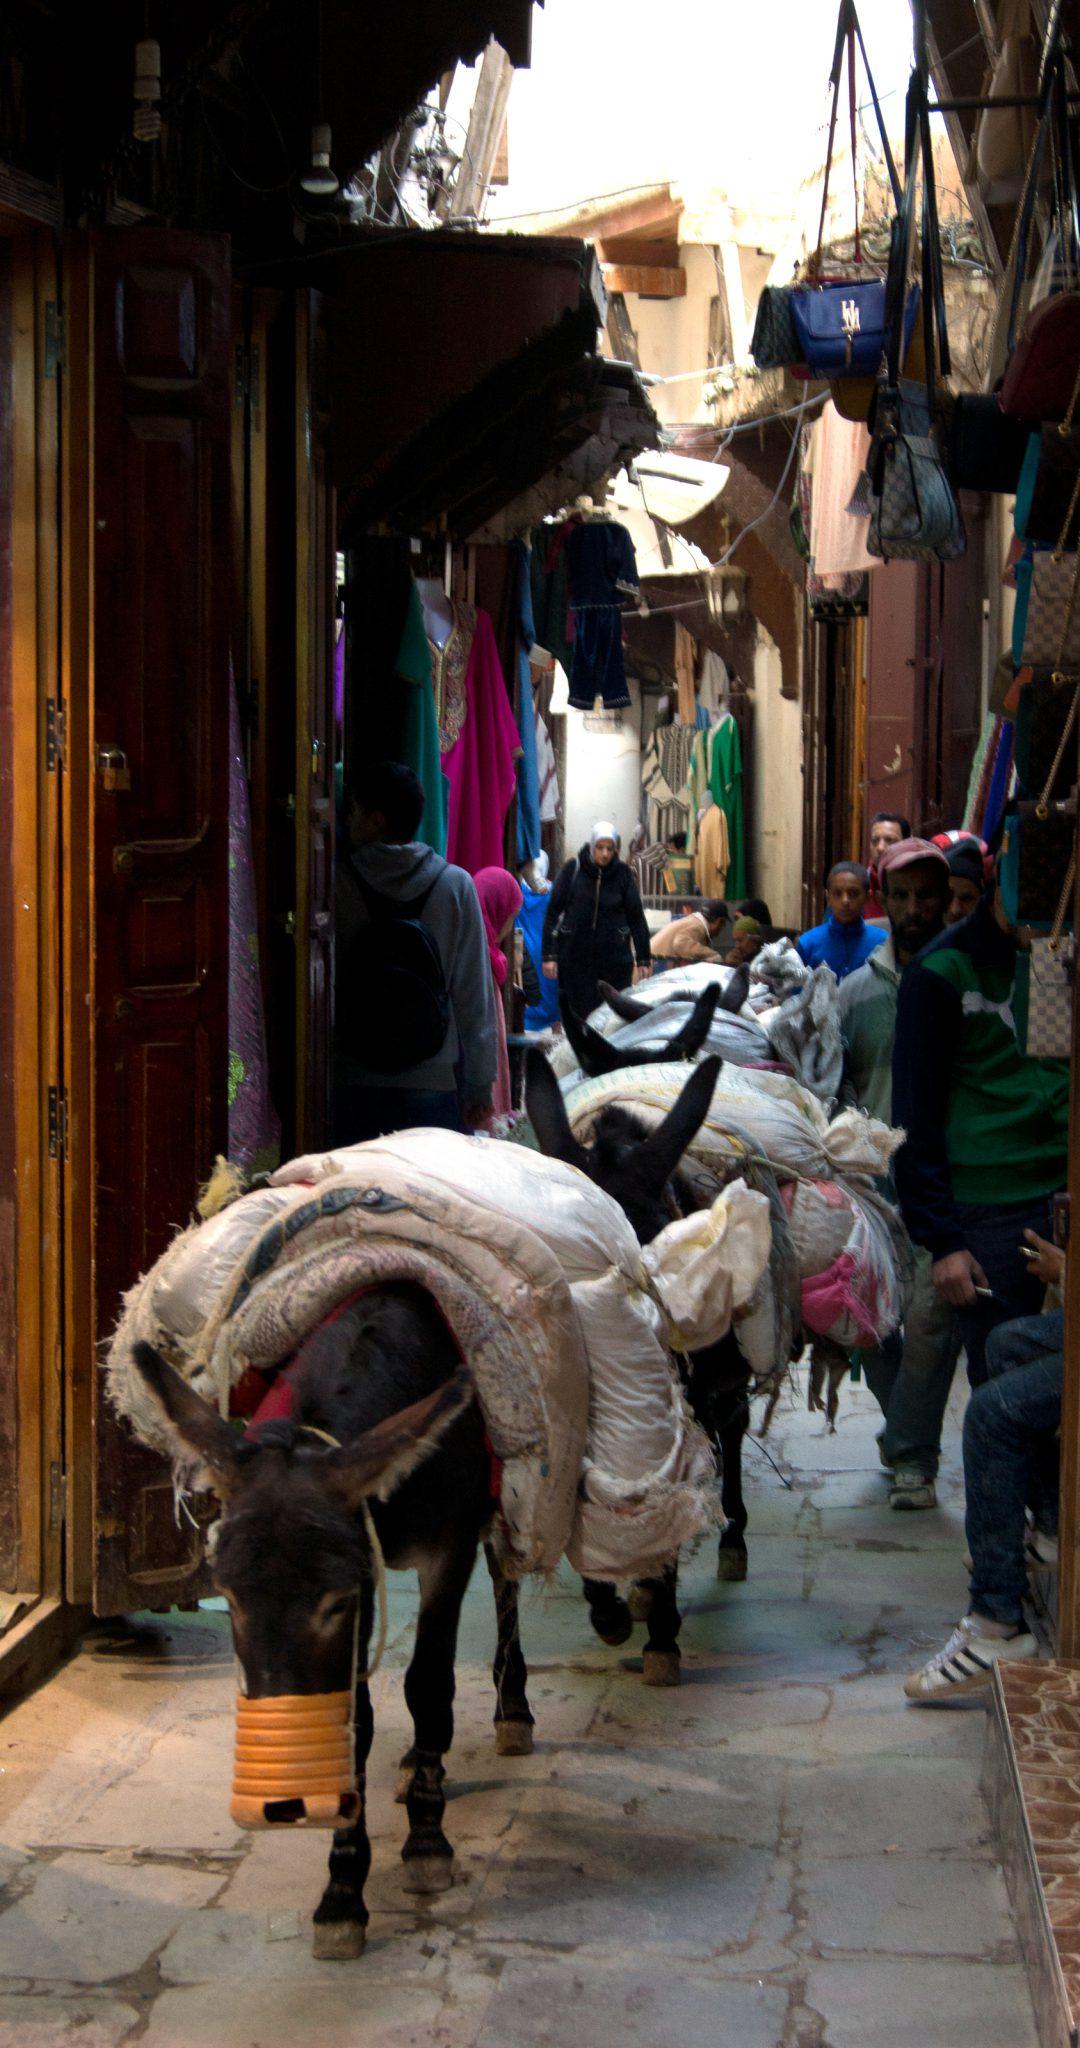 Una carovana di asini attraversa le stradine di Fez